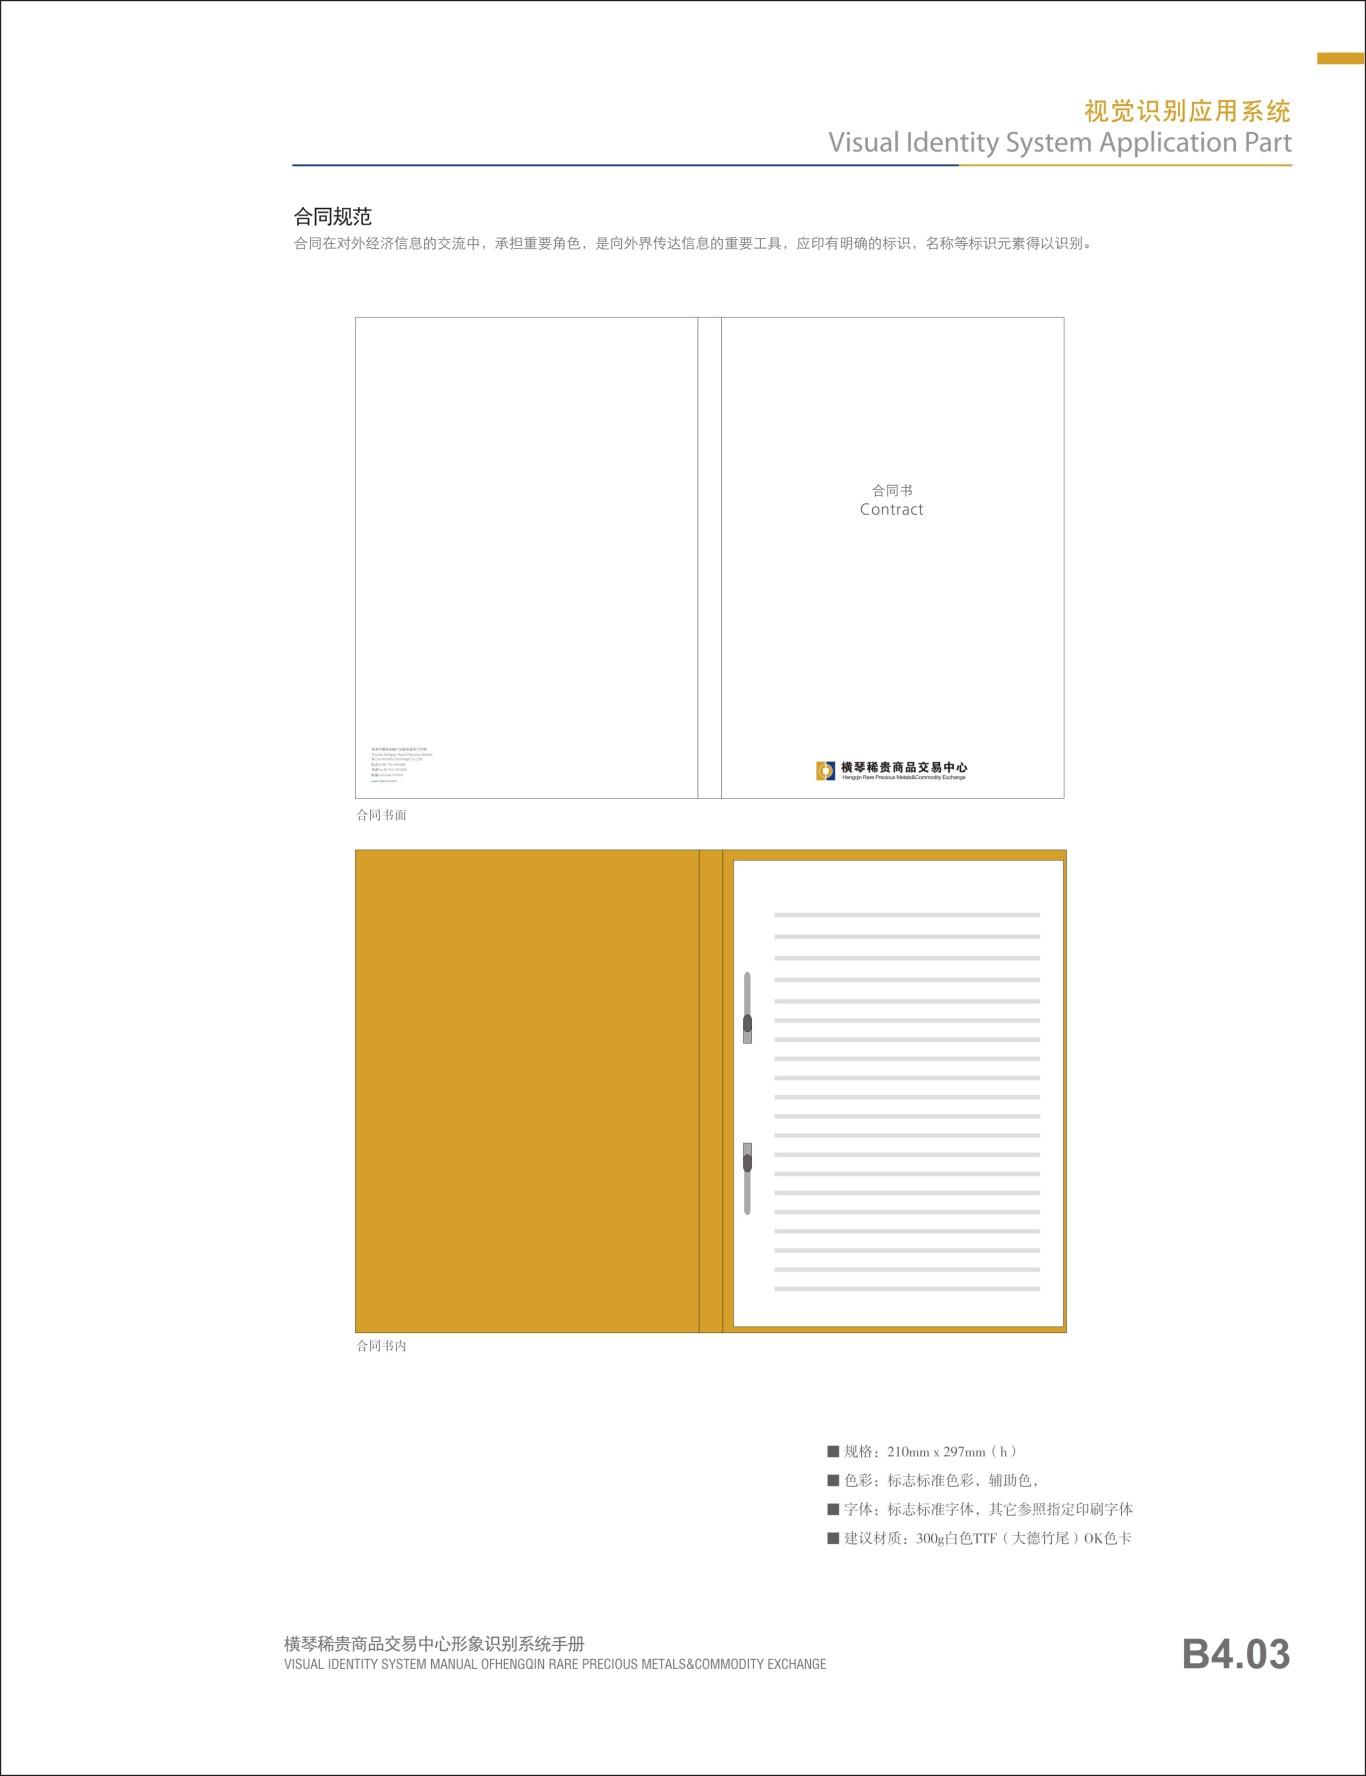 贵金属行业横琴稀贵VI手册设计图25